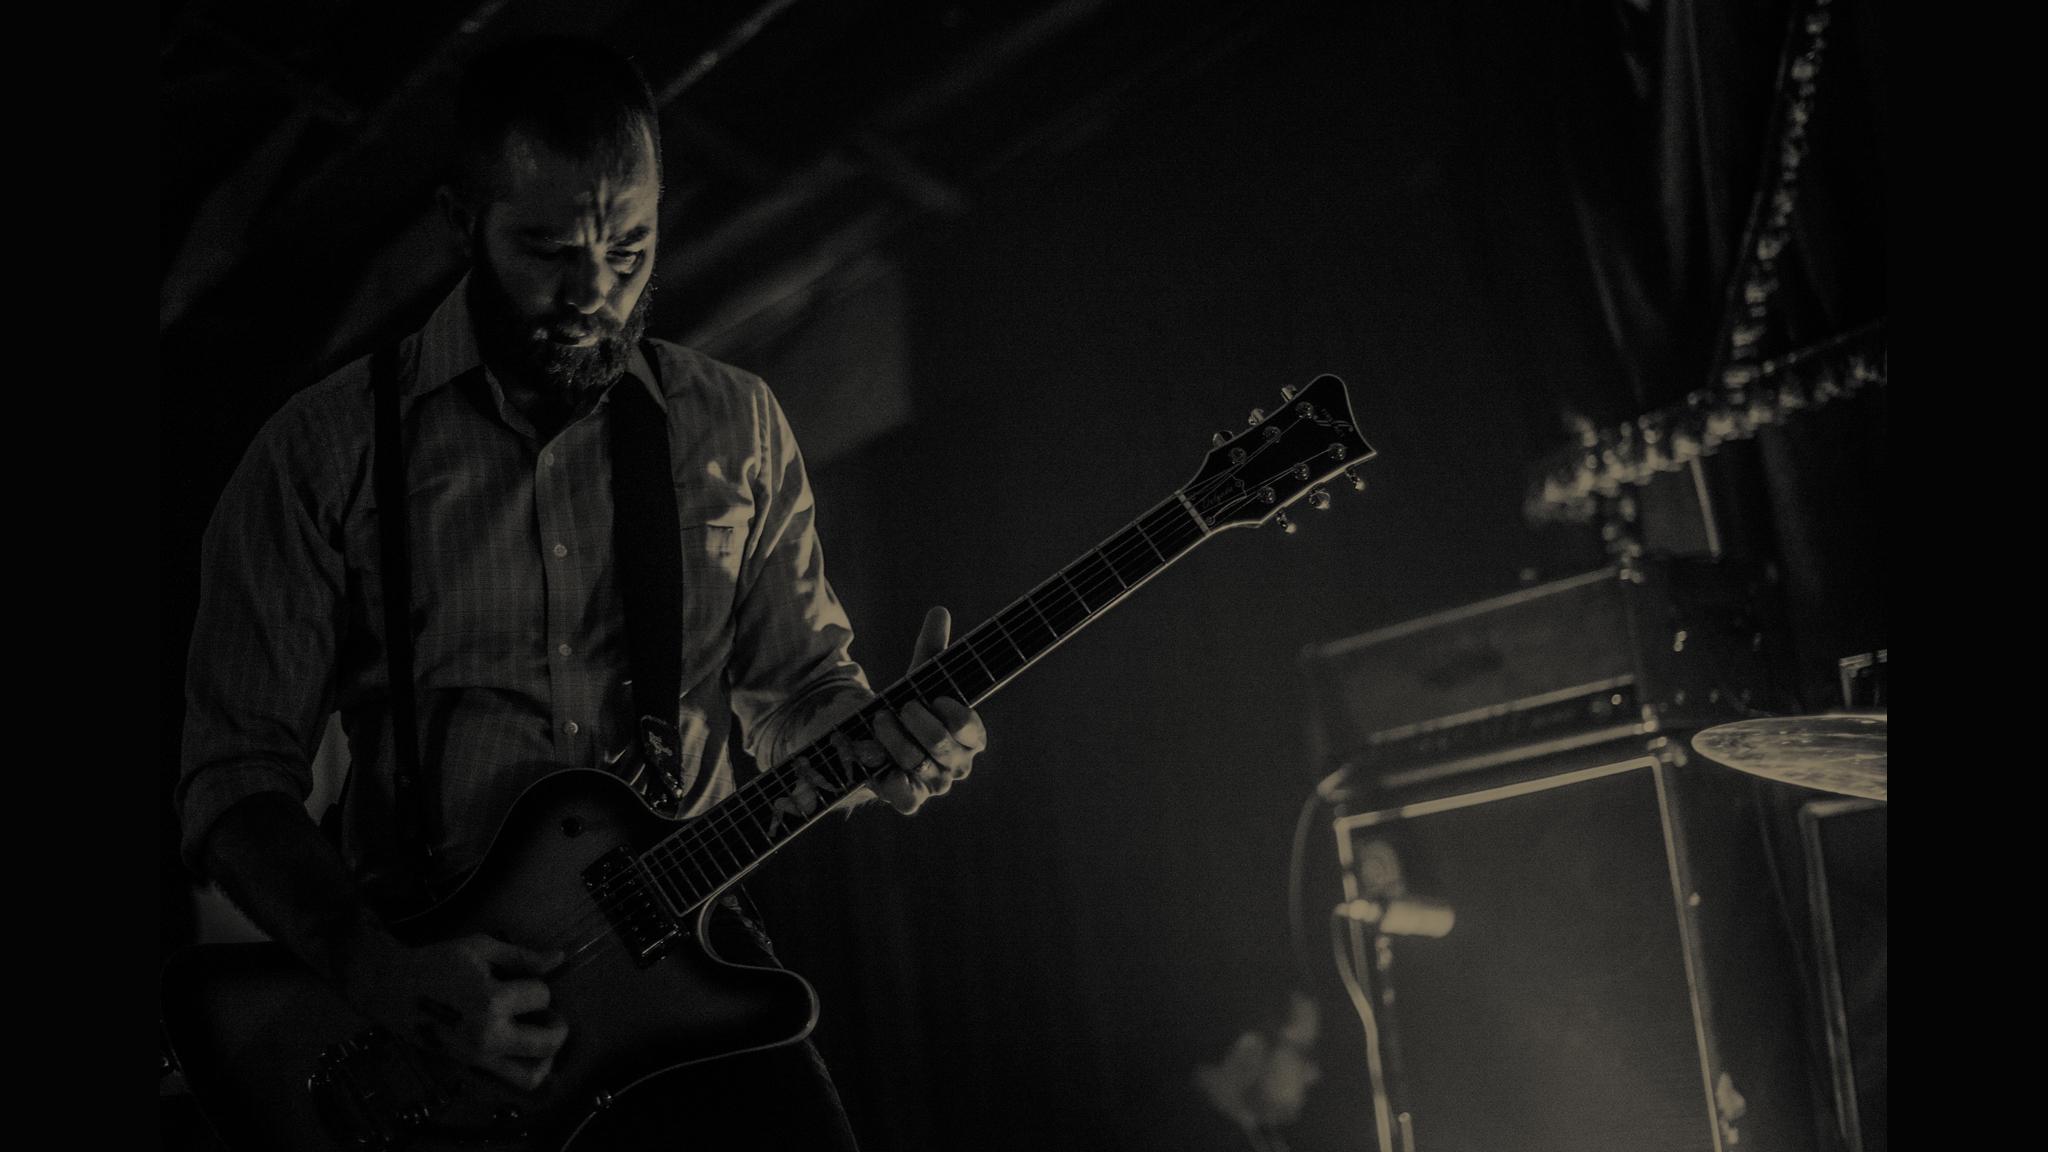 Bassist Brian Cook